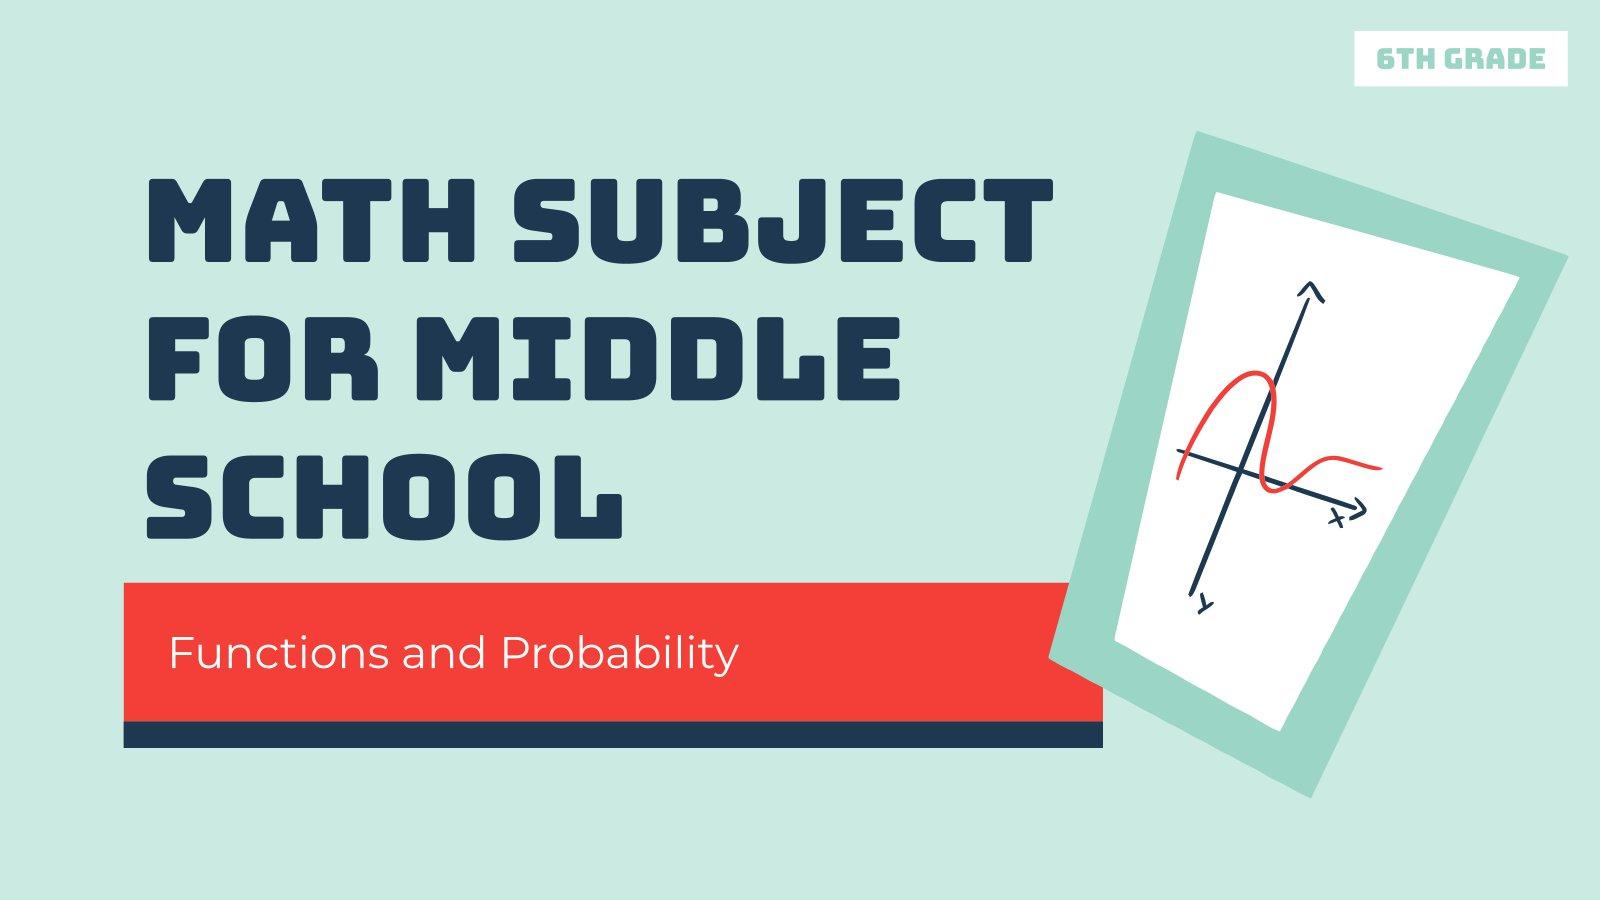 Mathe für die 6. Klasse: Funktionen und Wahrscheinlichkeitsrechnung Präsentationsvorlage